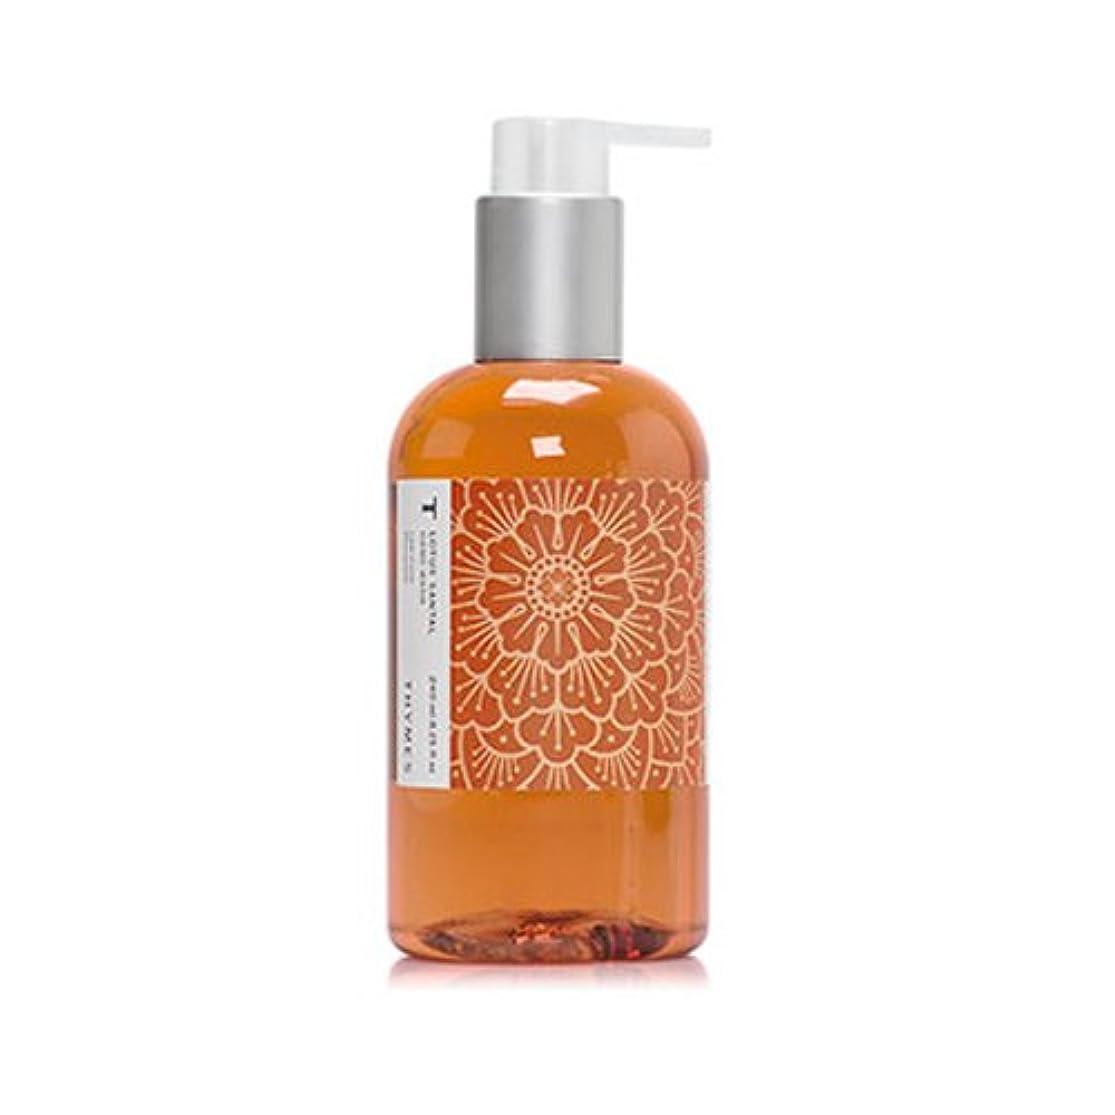 放映ビリー焦げTHYMES タイムズ ハンドウォッシュ 240ml ロータスサンタル Hand Wash 8.25 fl oz Lotus Santal [並行輸入品]